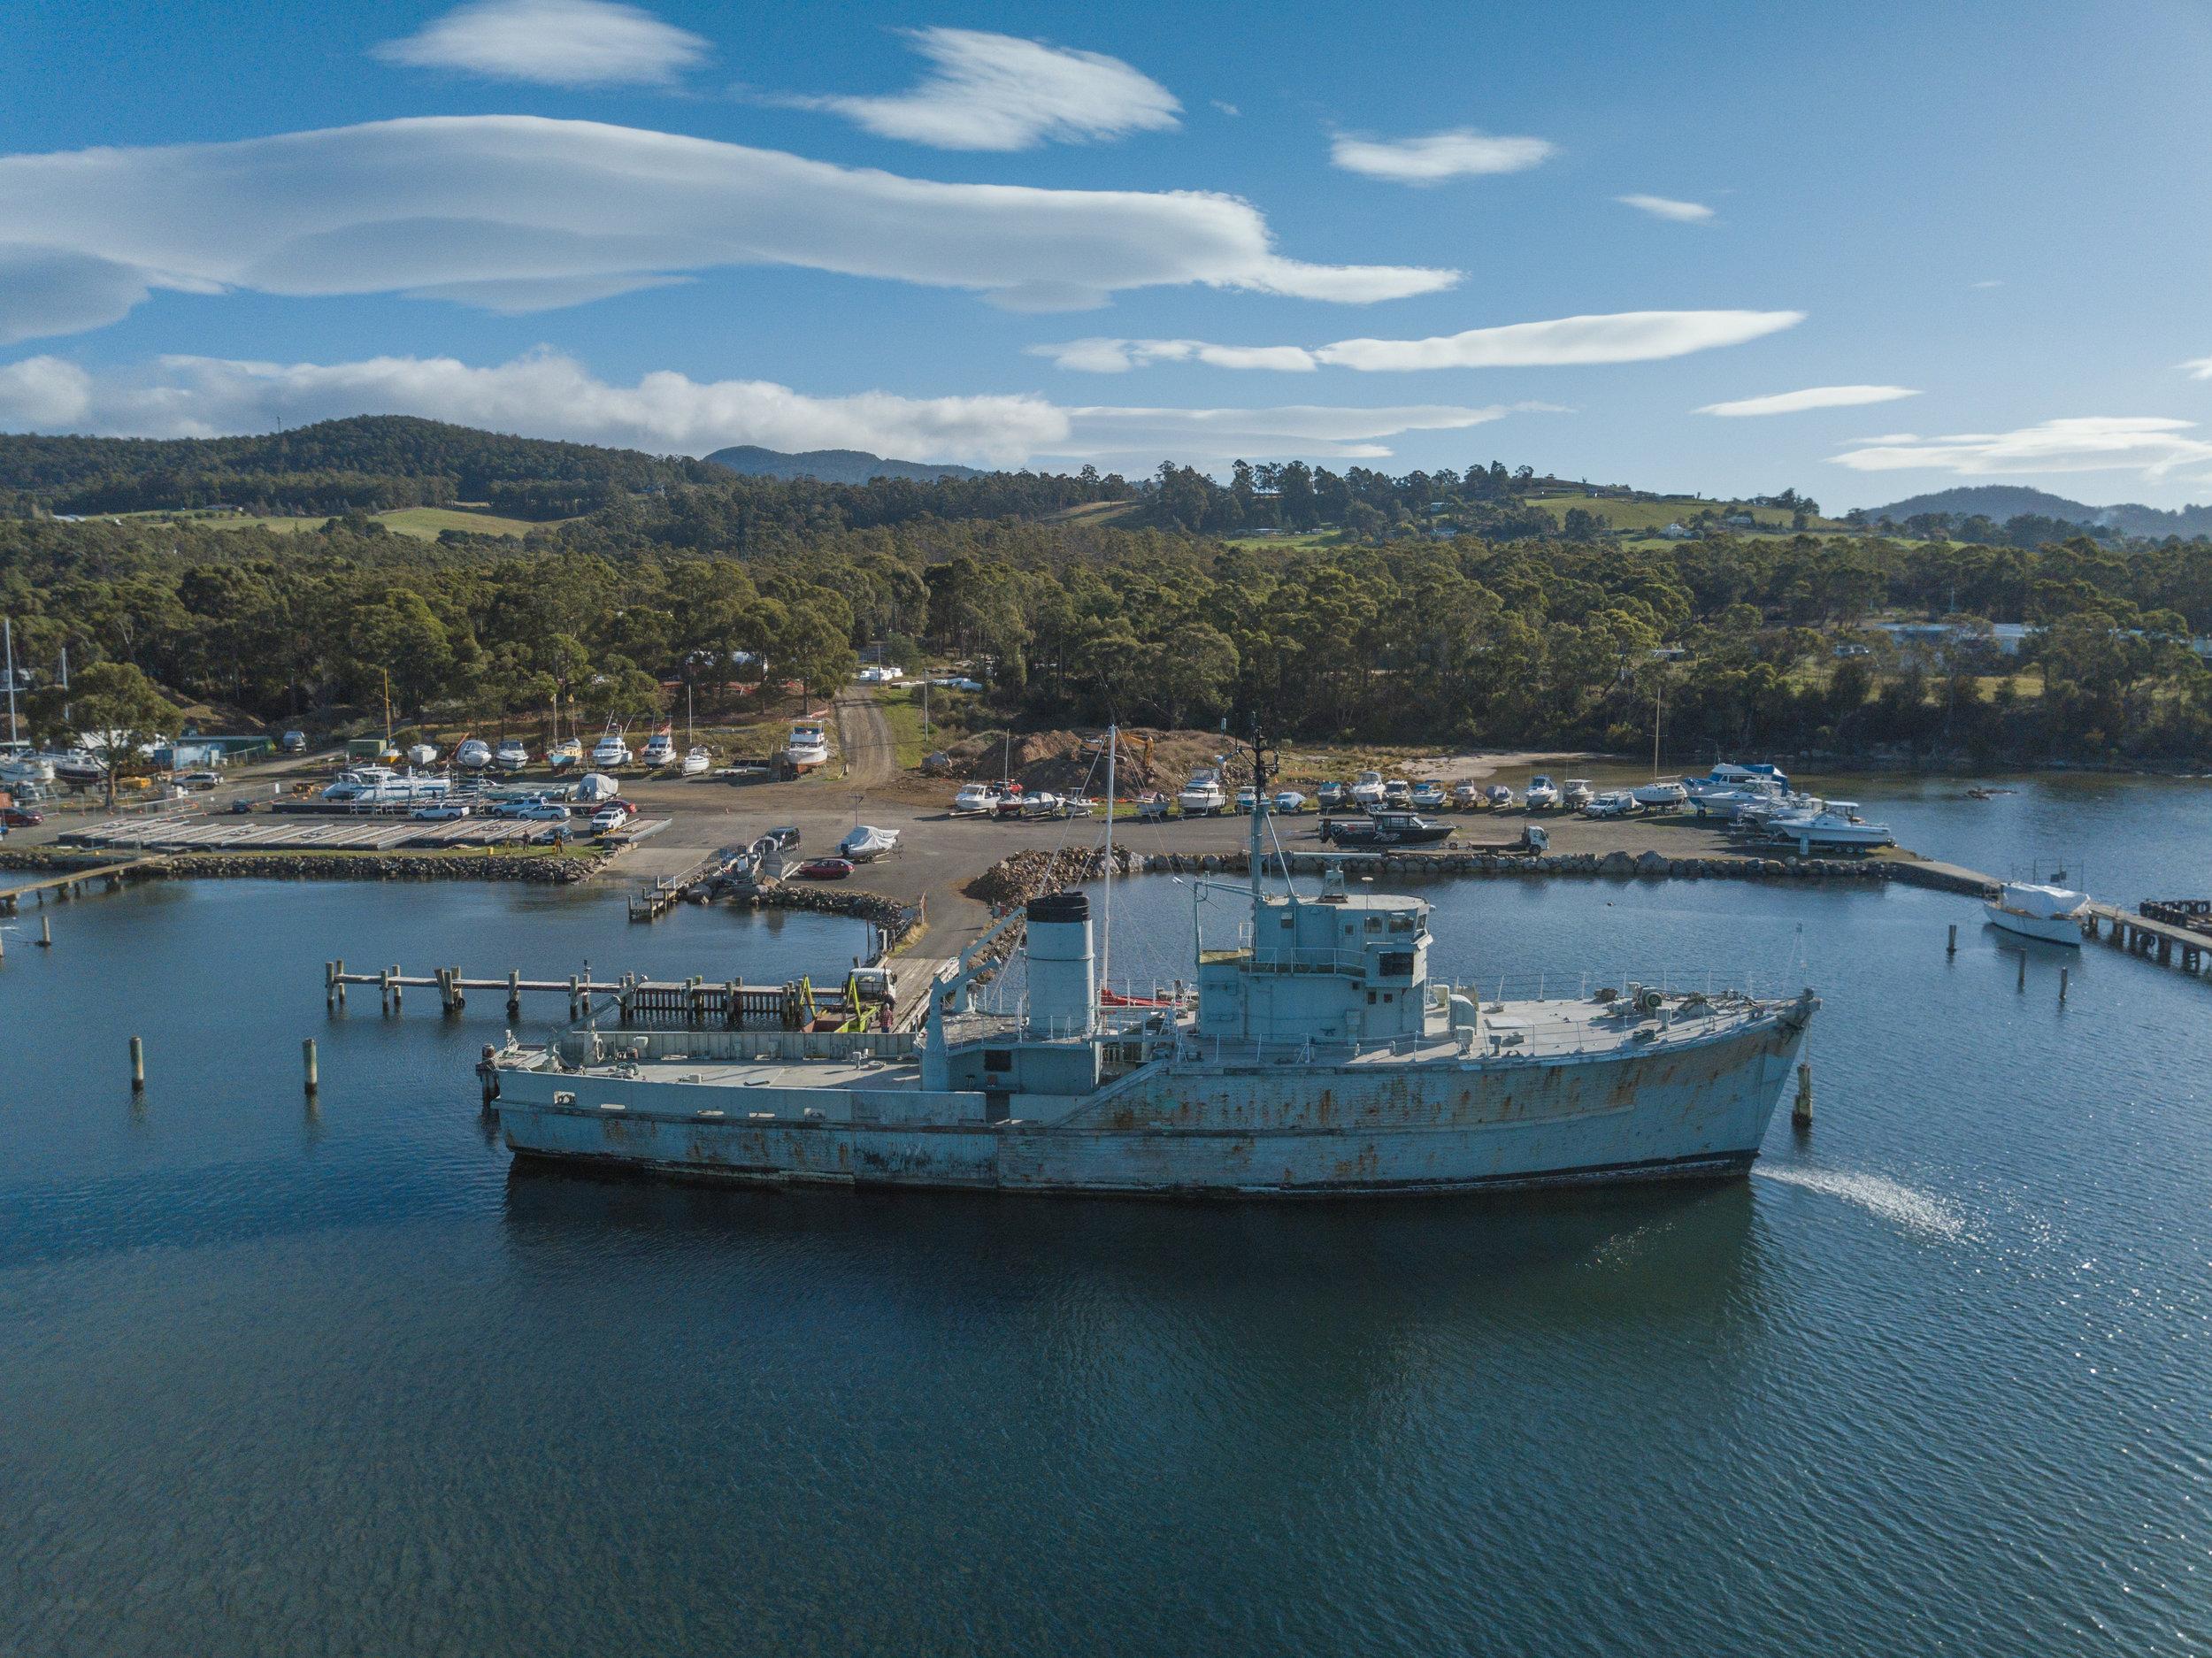 HMAS Curlew